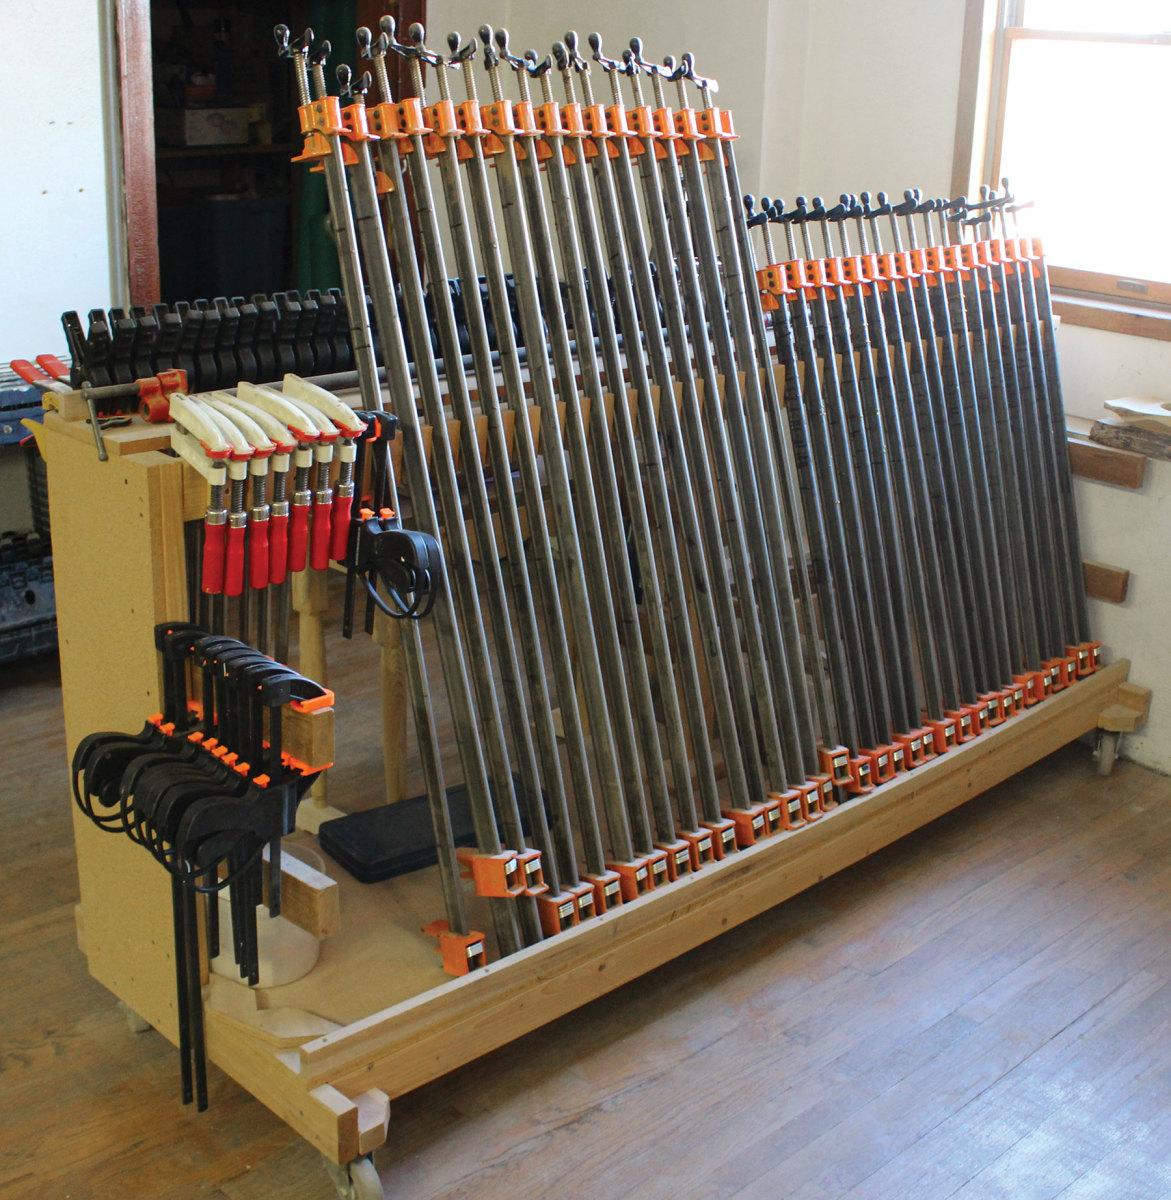 A portable clamp rack built on a 2x4 base.